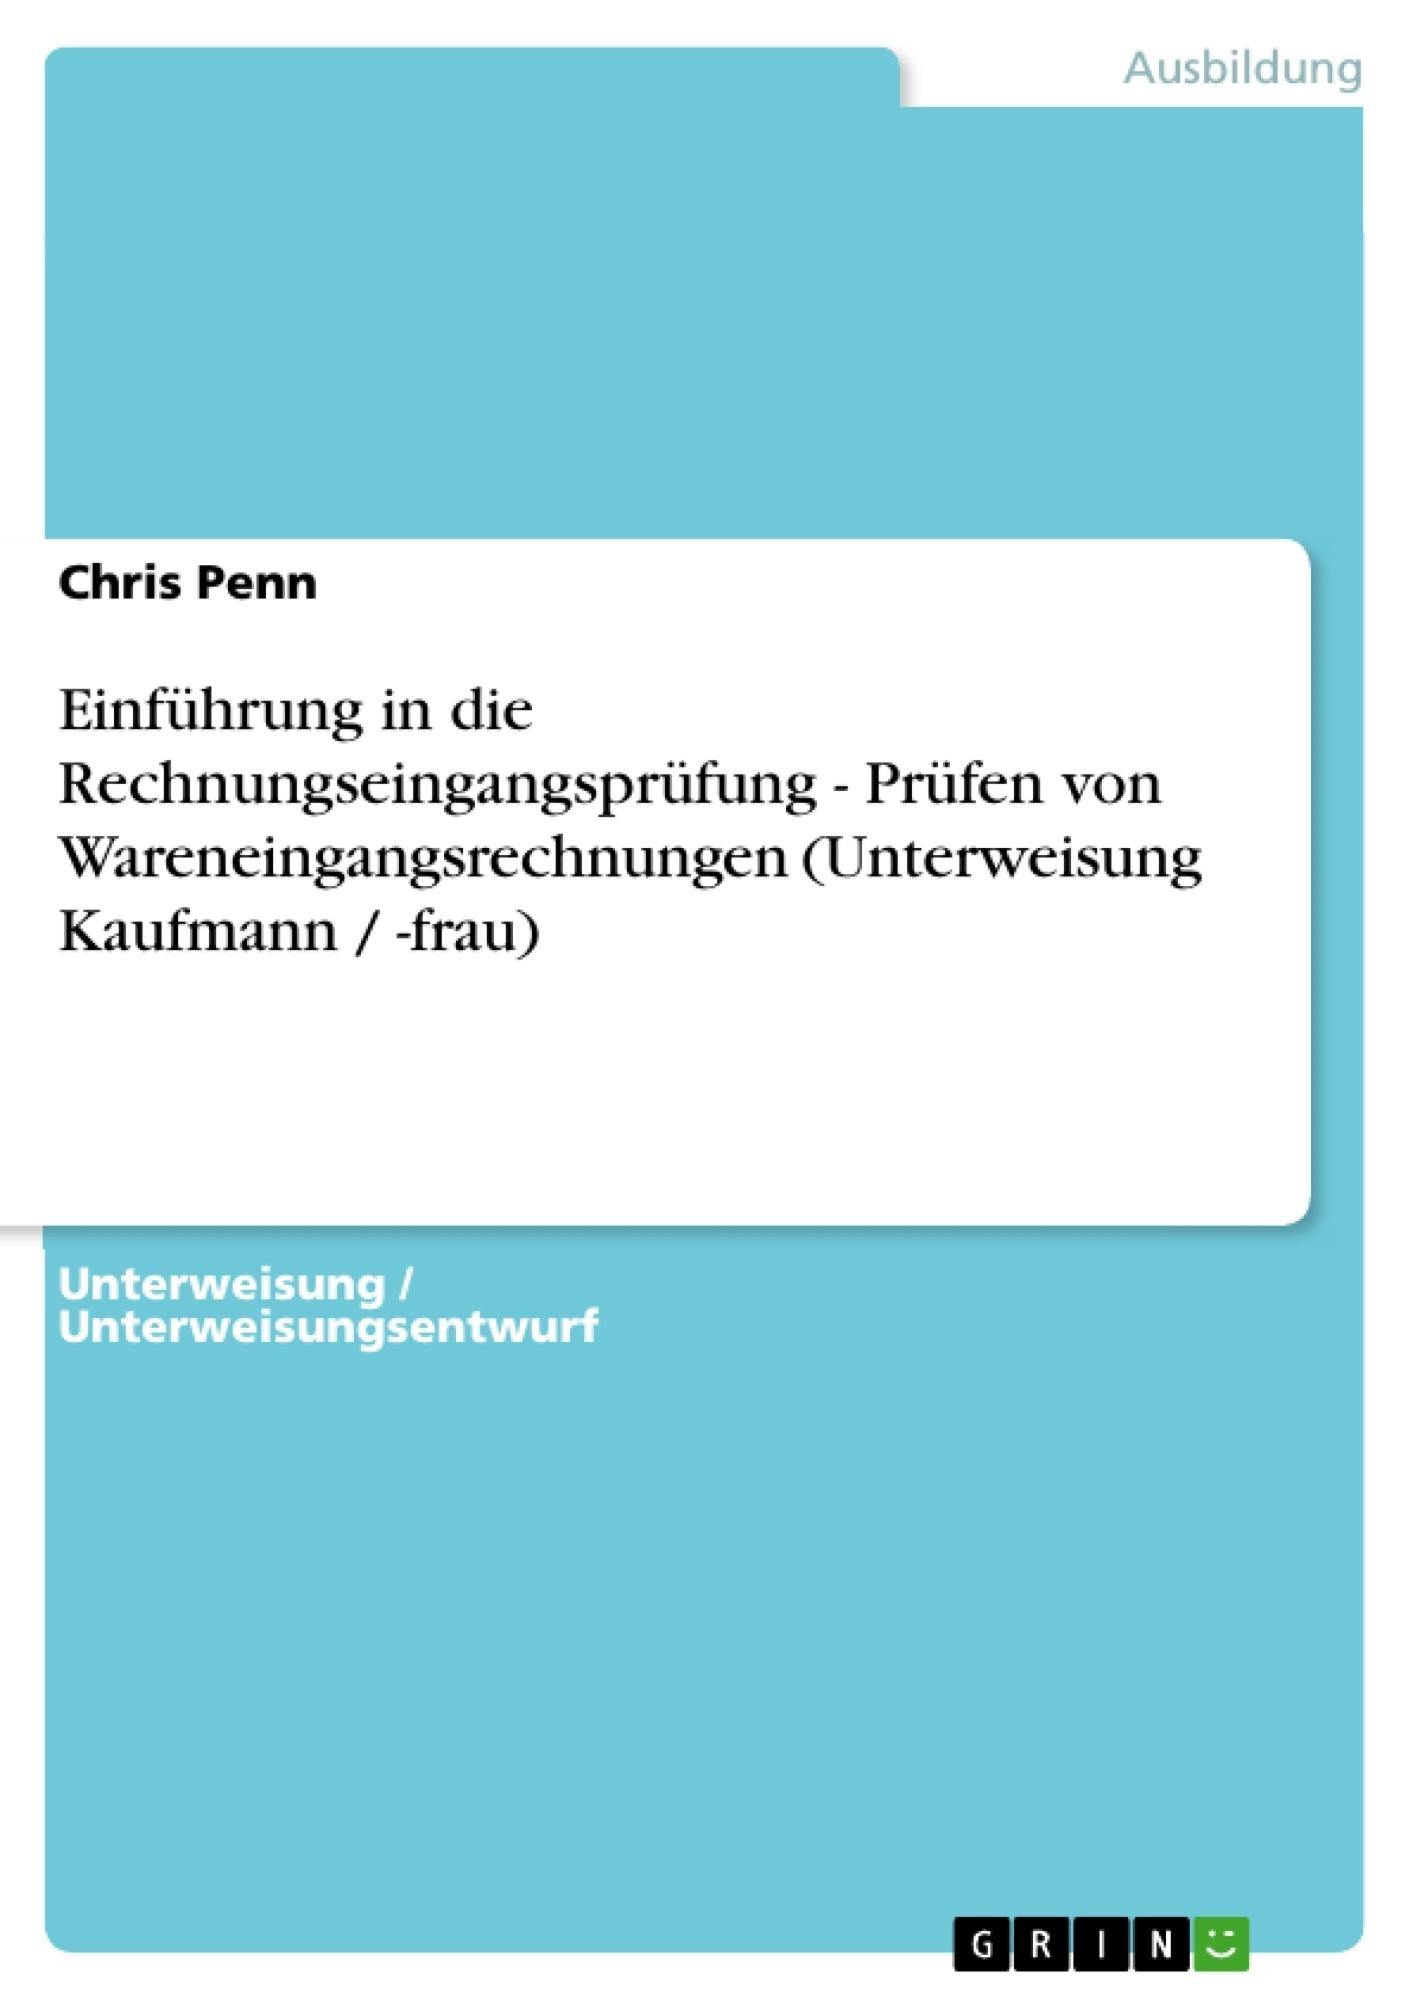 Titel: Einführung in die Rechnungseingangsprüfung - Prüfen von Wareneingangsrechnungen (Unterweisung Kaufmann / -frau)